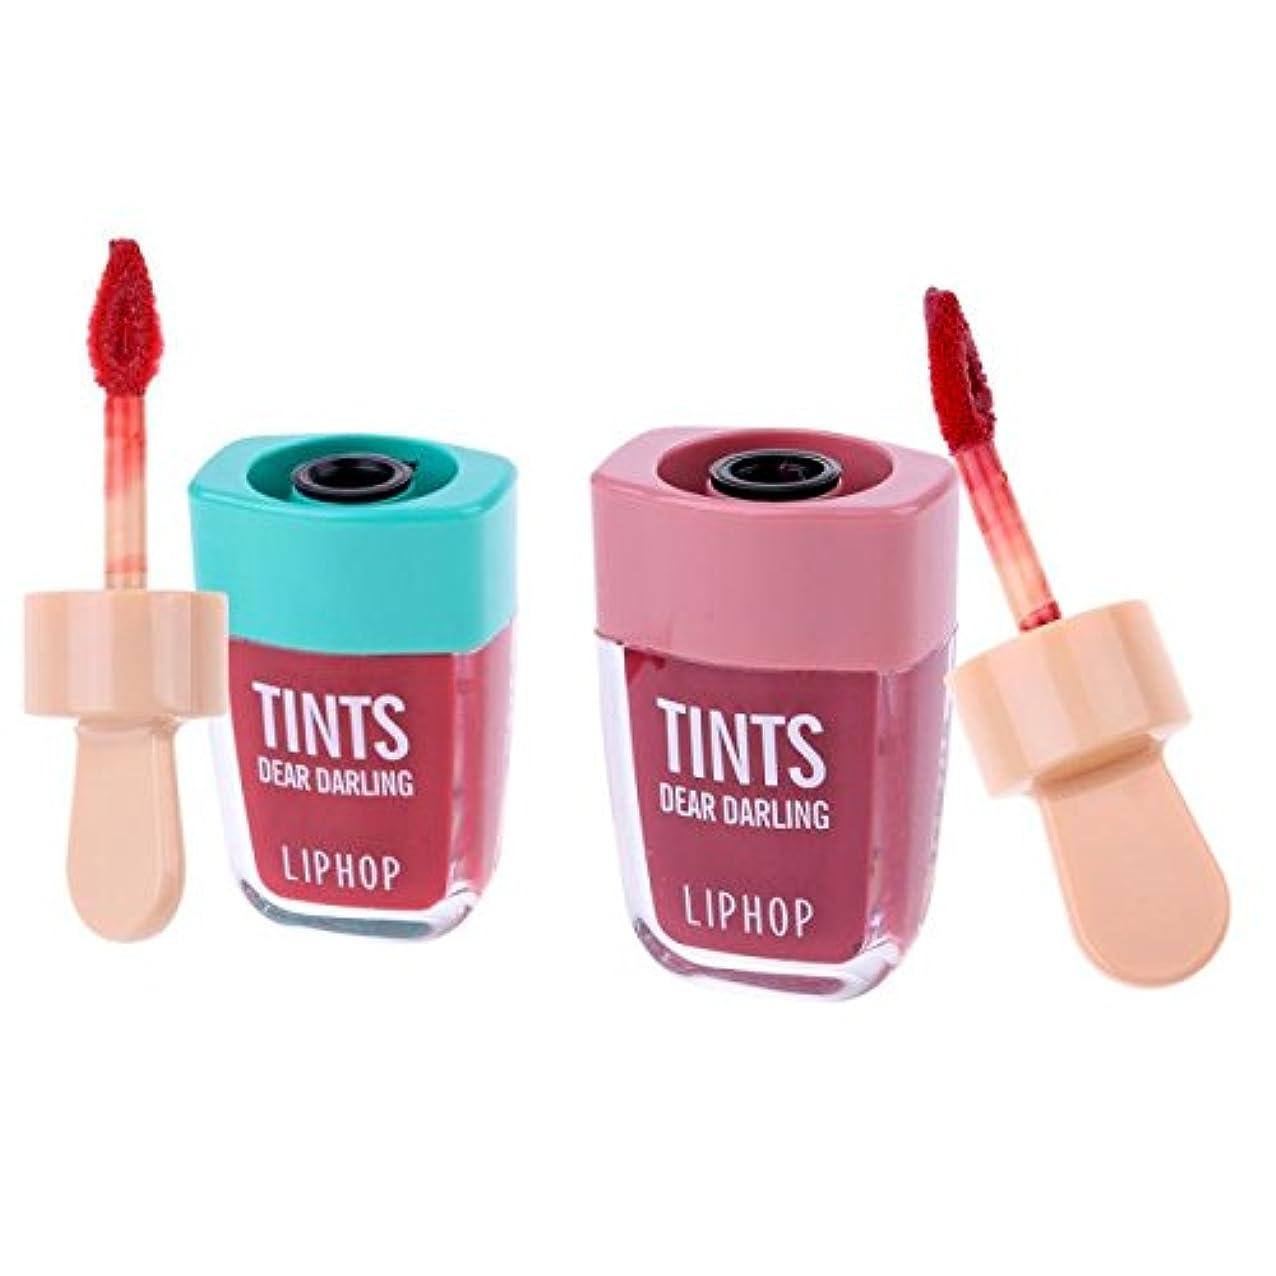 申し込む舌な展開するT TOOYFUL リップグロス リップライナー 口紅 セット 長く続く 女の子 誕生日 プレゼント 2色入り